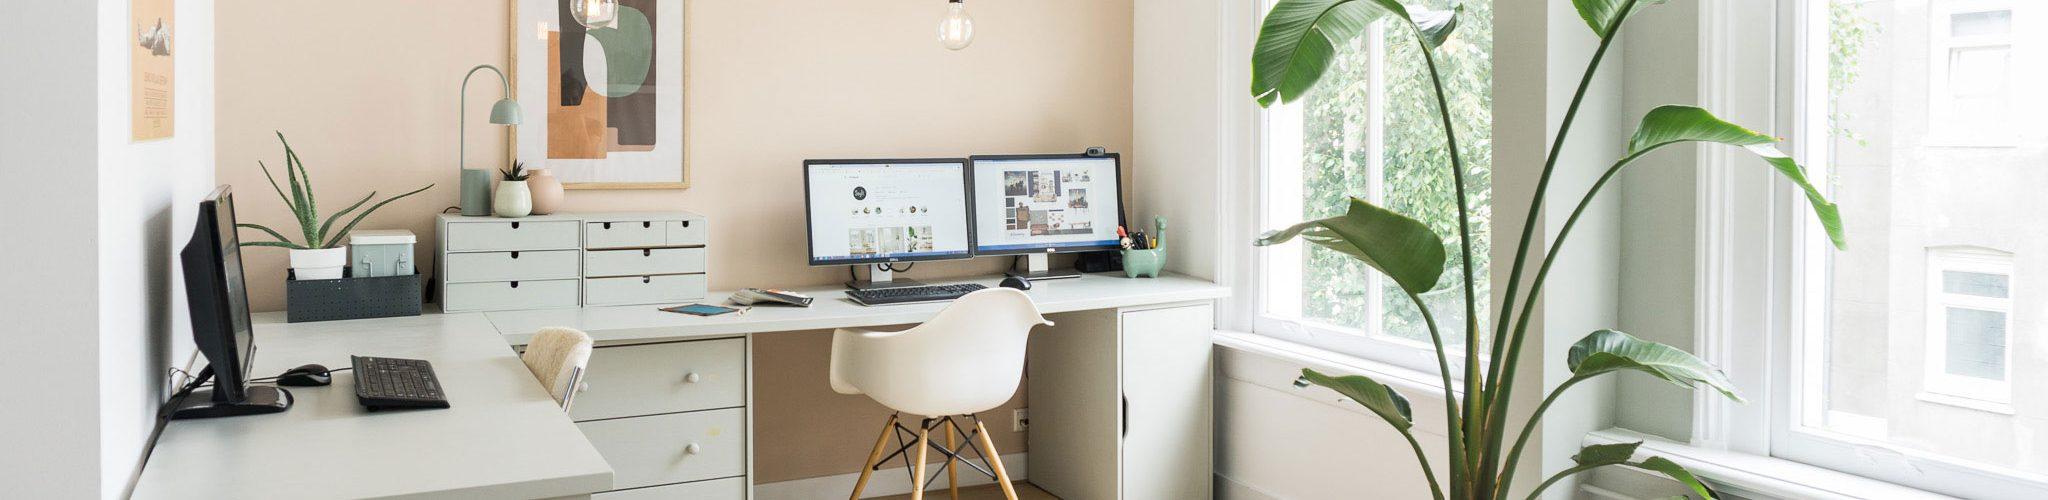 Onderzoek: Thuiswerken zorgt voor hogere prioriteit